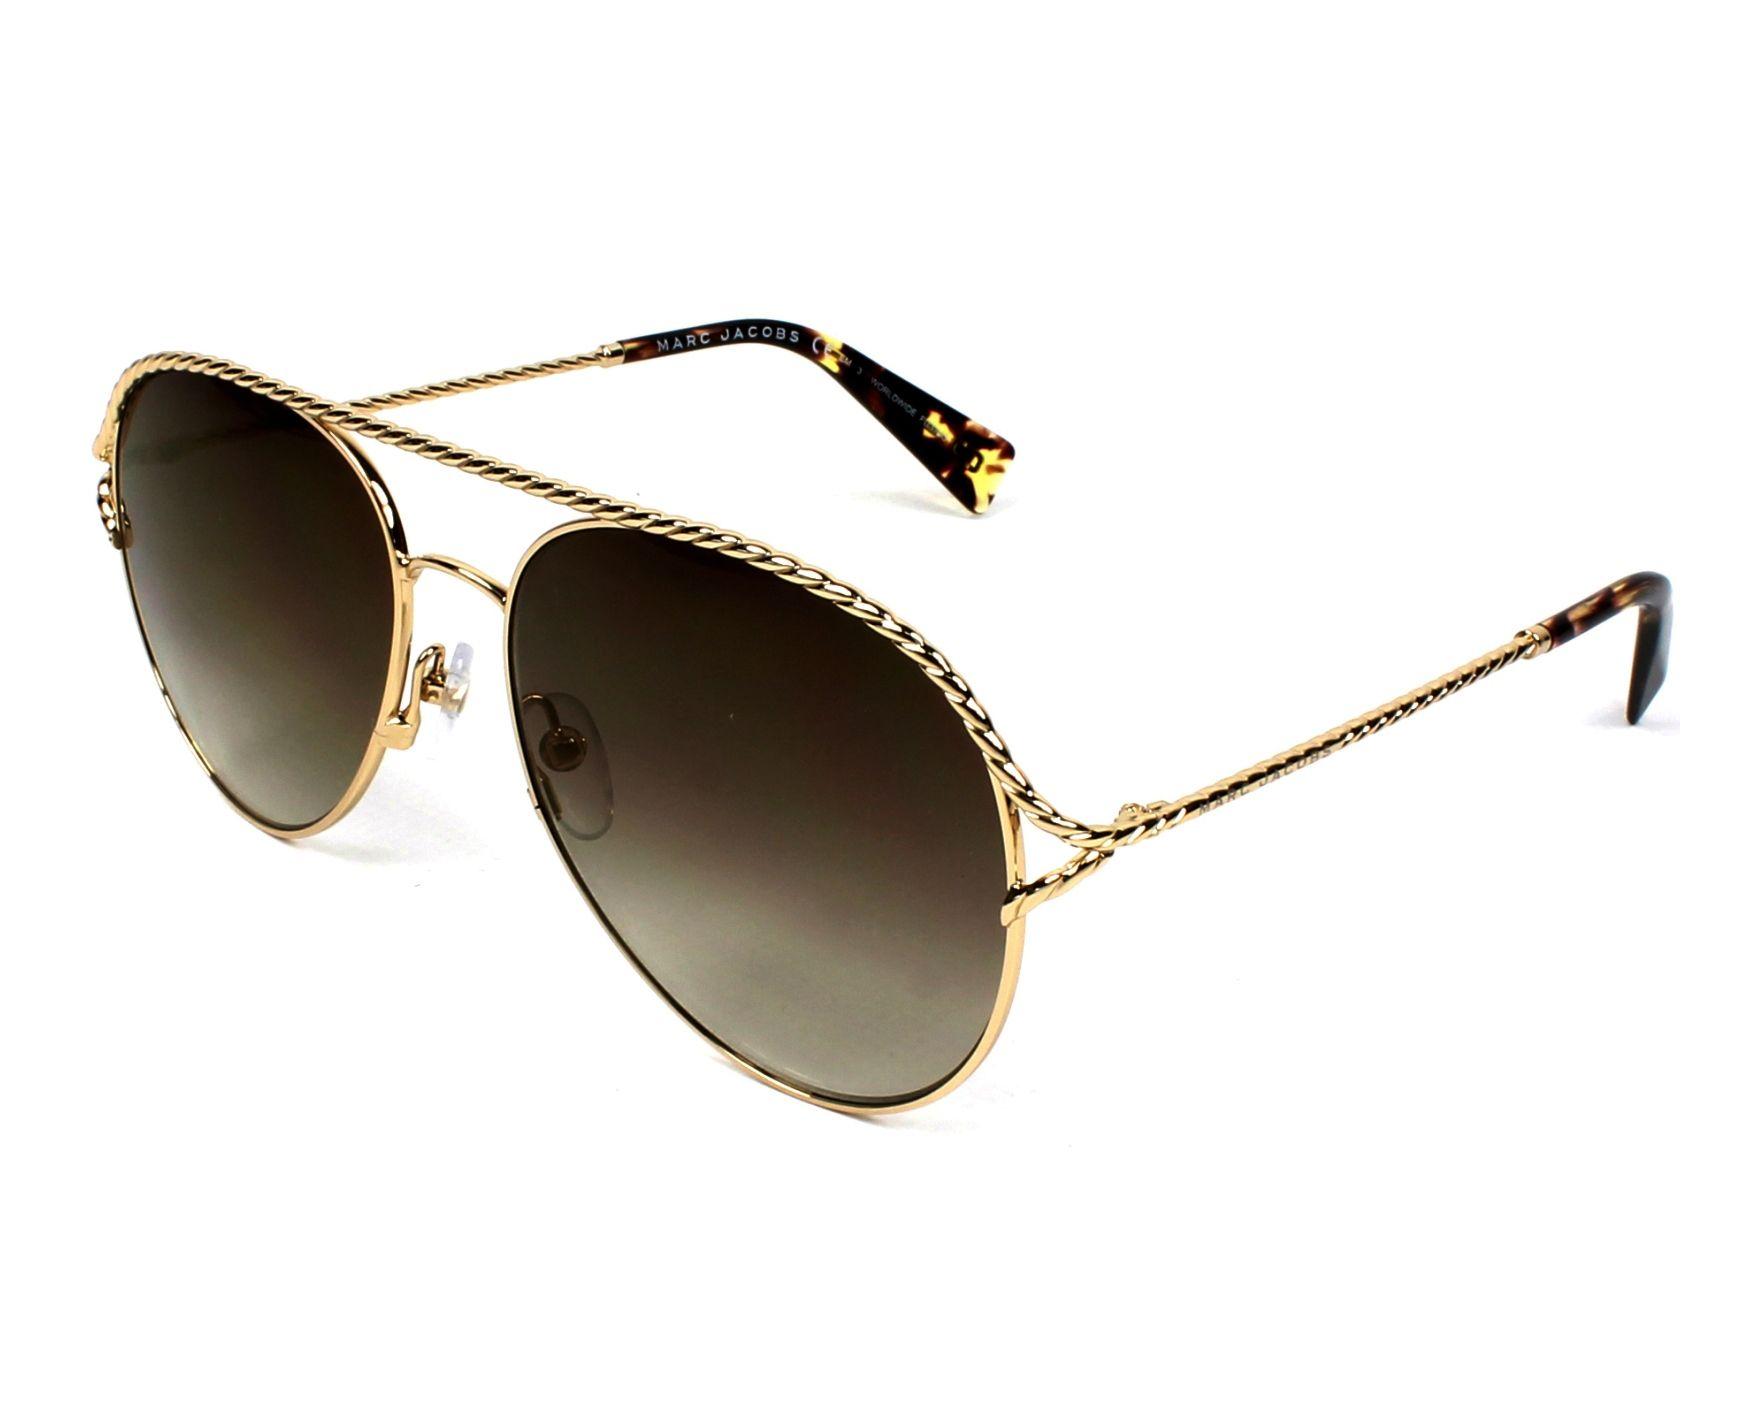 Marc Jacobs - Lunettes de vue à monture aviateur avec verres transparents - Doré - Doré XXR1WatiQQ